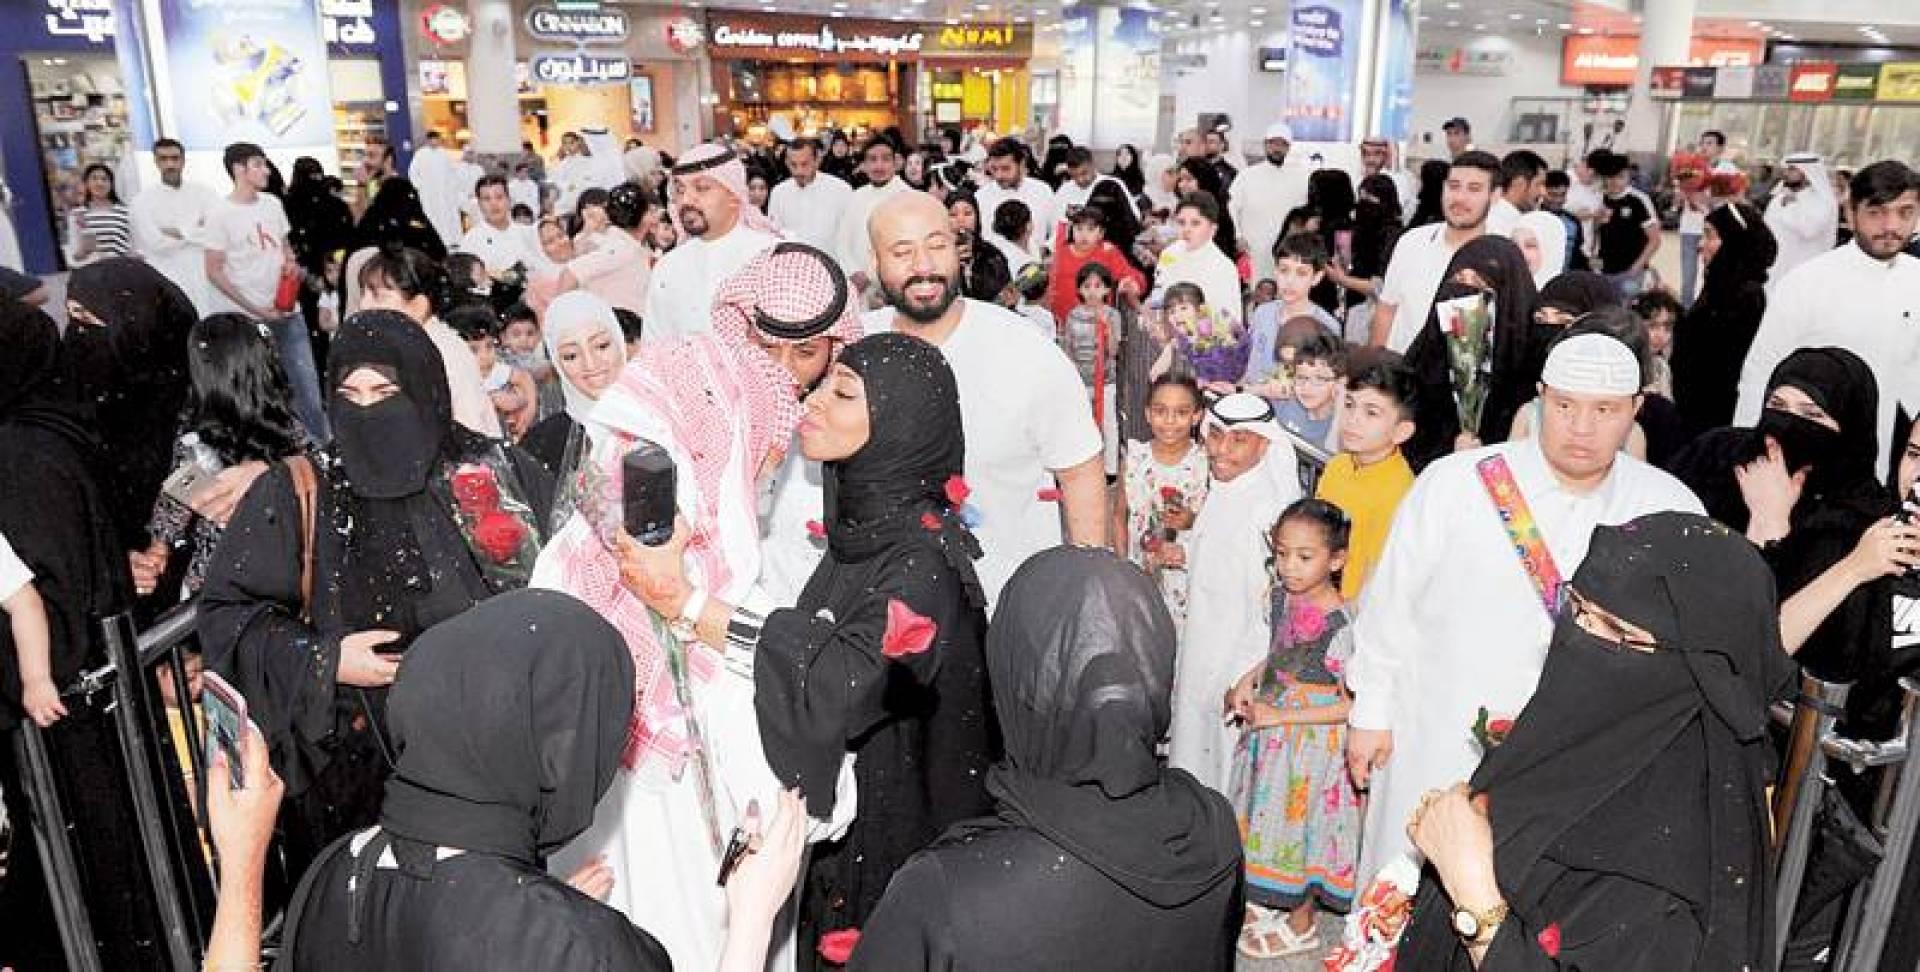 فرحة الأهالي في استقبال الحجاج | تصوير أحمد سرور